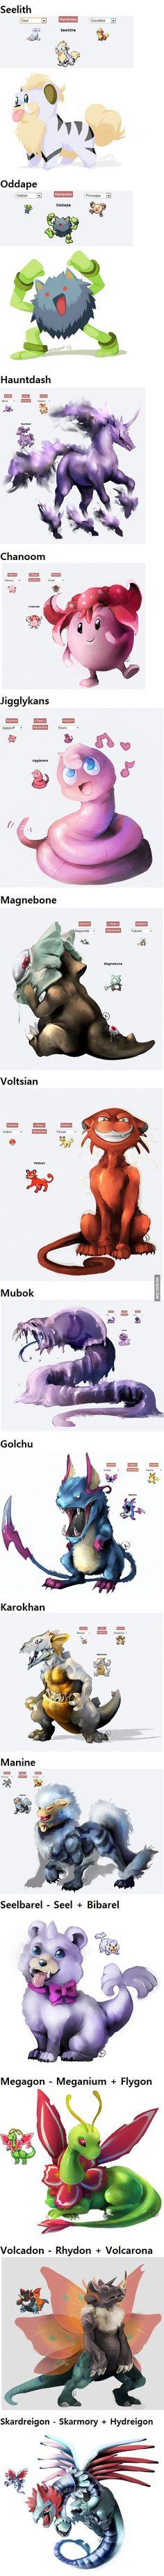 Pokemon Fusions part 10! Enjoy :)